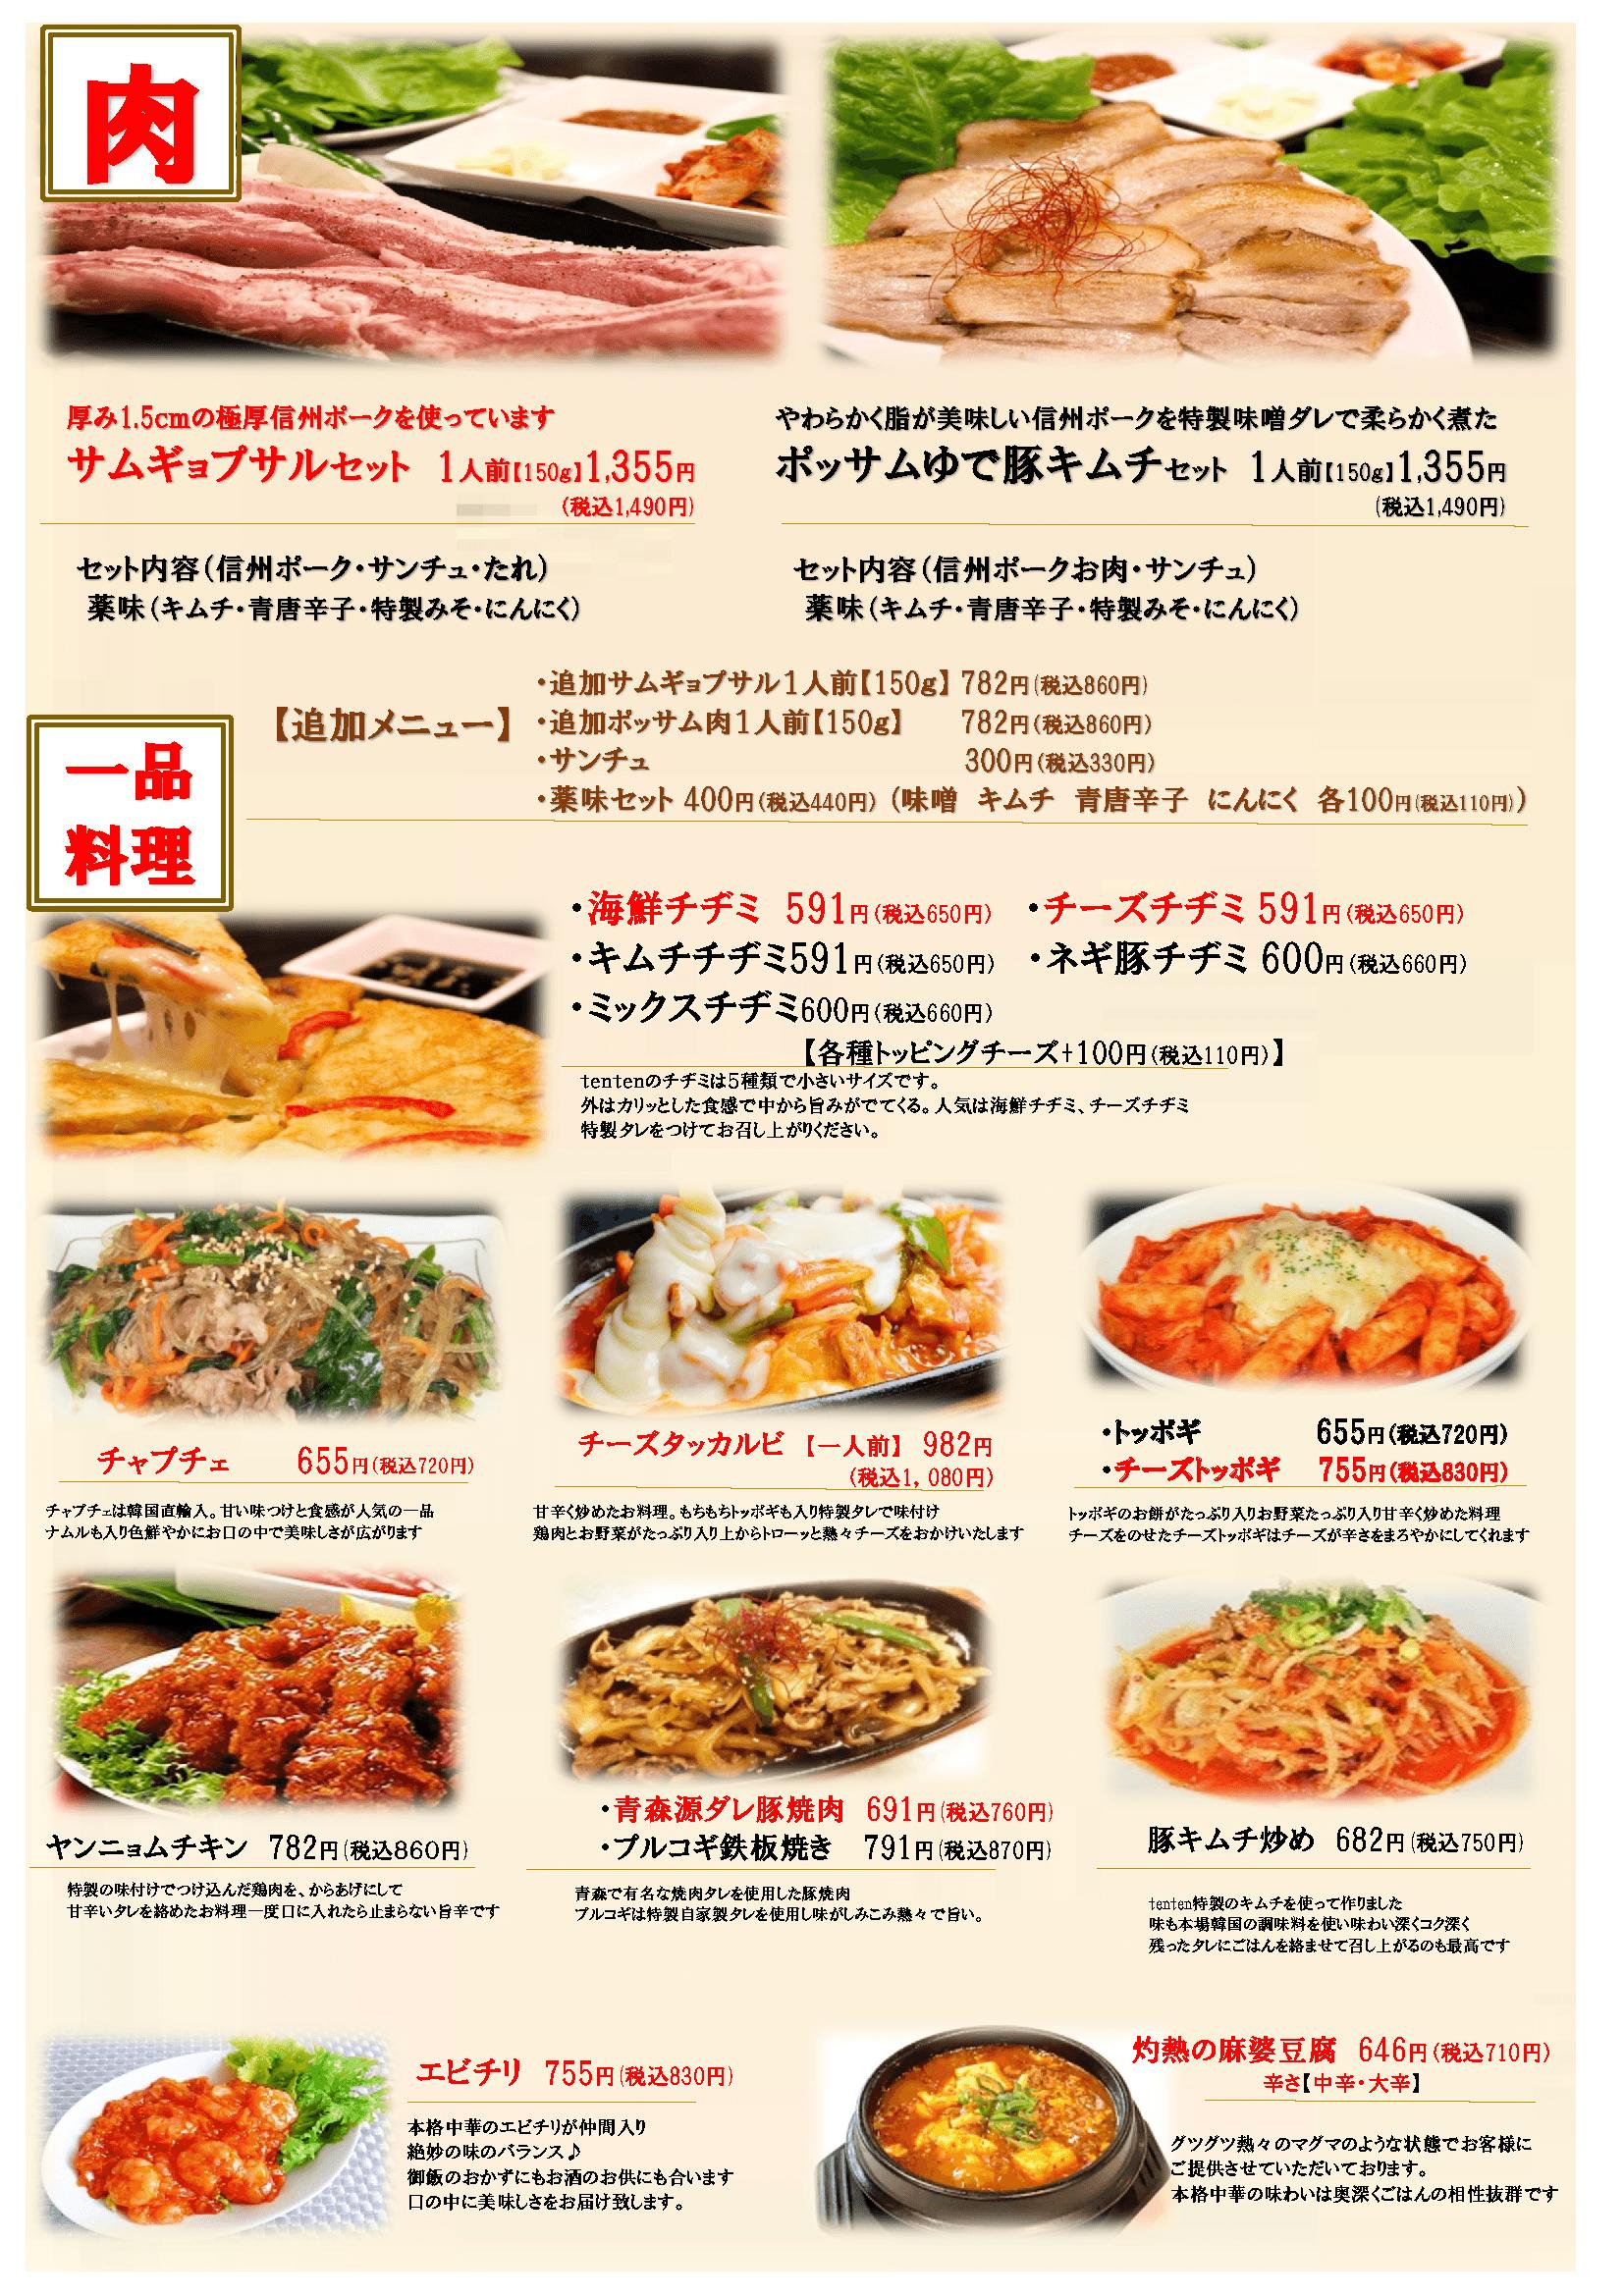 アジアの台所tentenグランドメニュー1